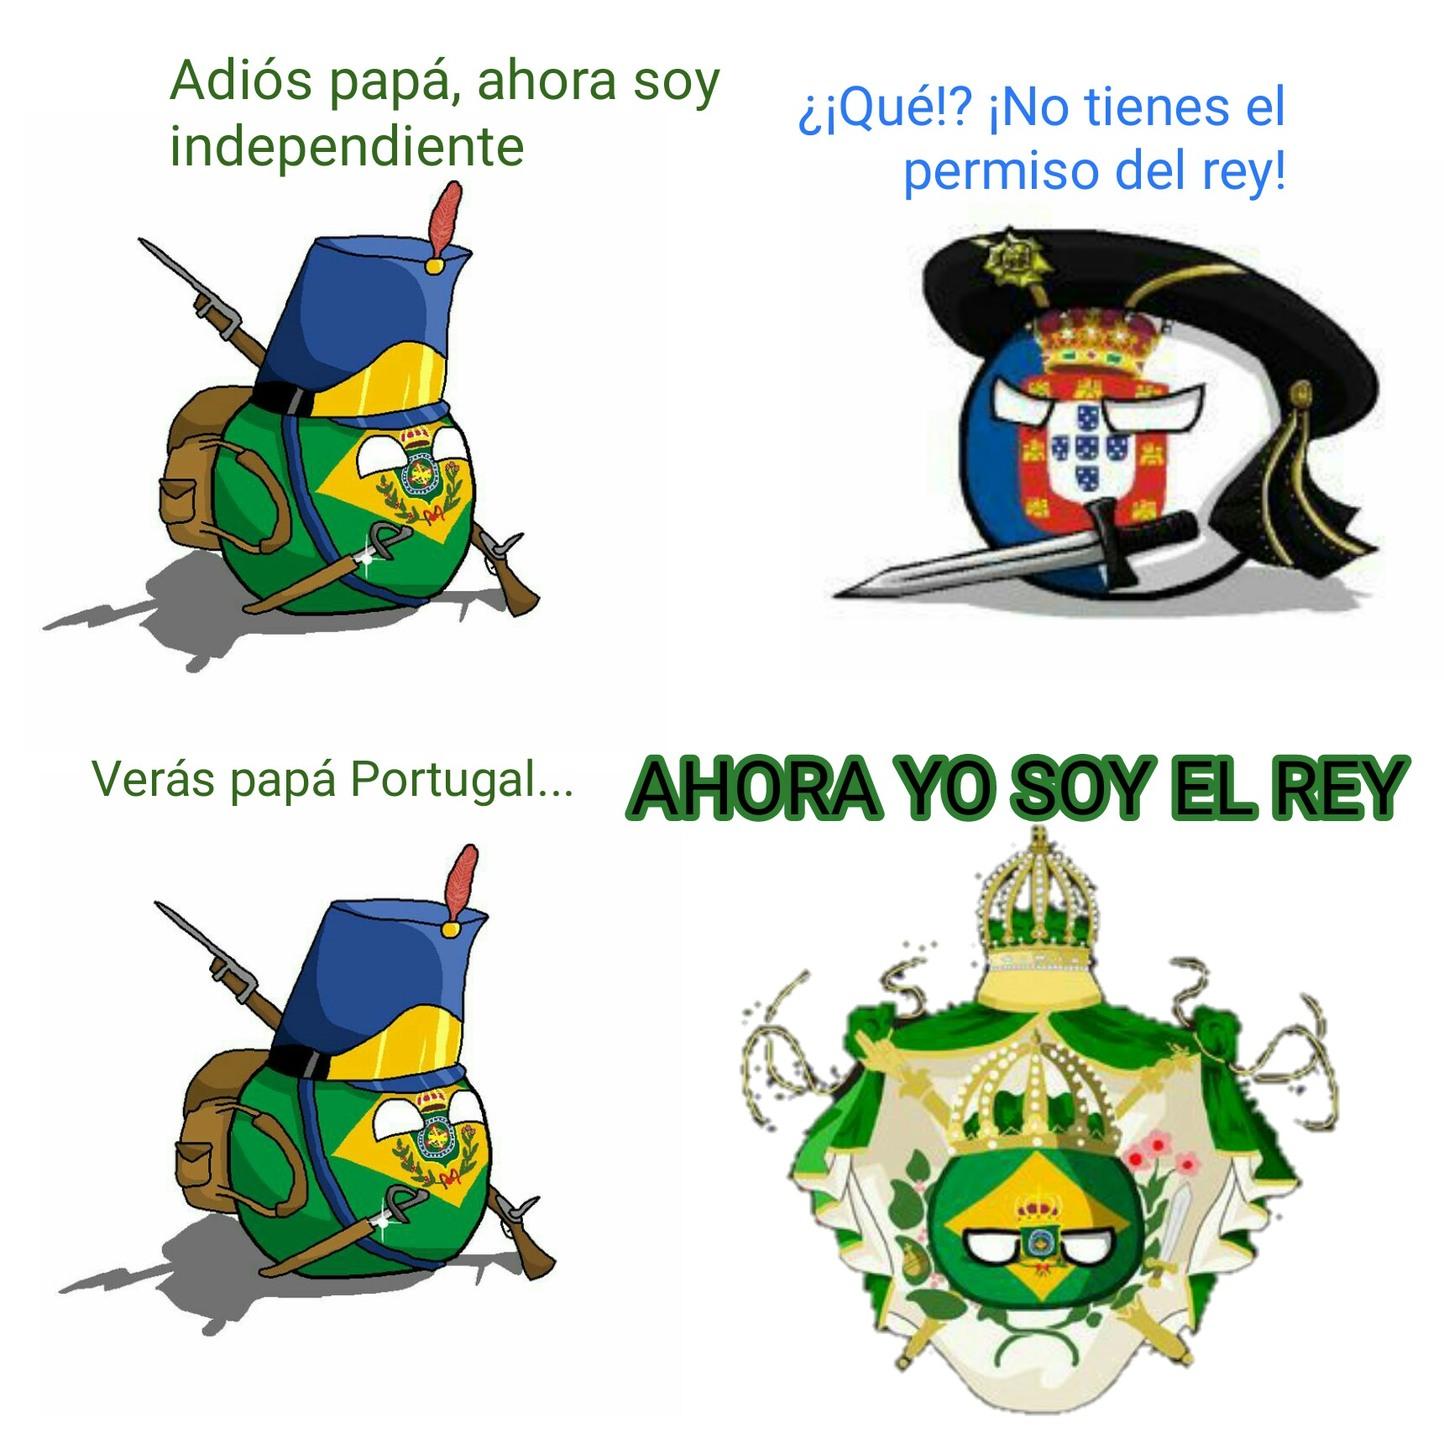 Corté a Brasil y a Portugal y los pegué - meme